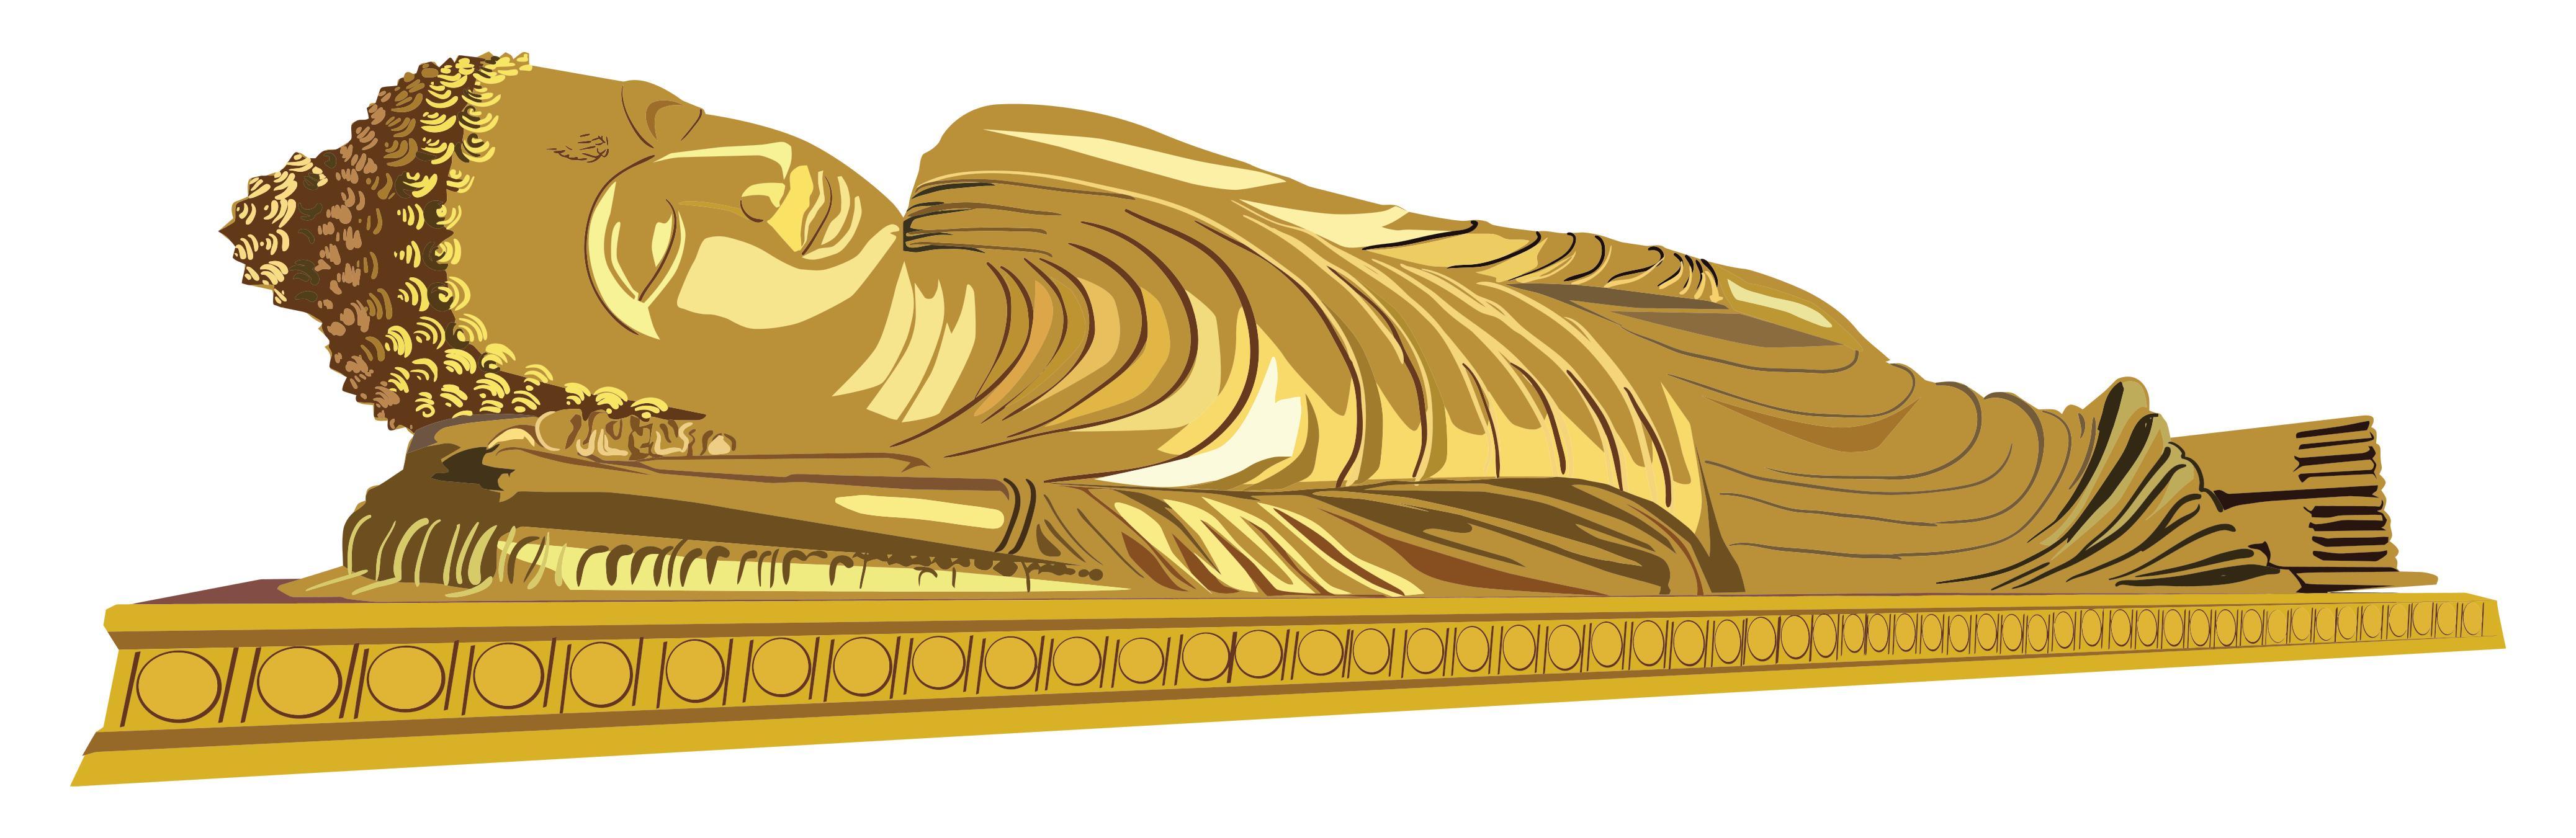 Buddha clipart golden buddha. Reclining design droide